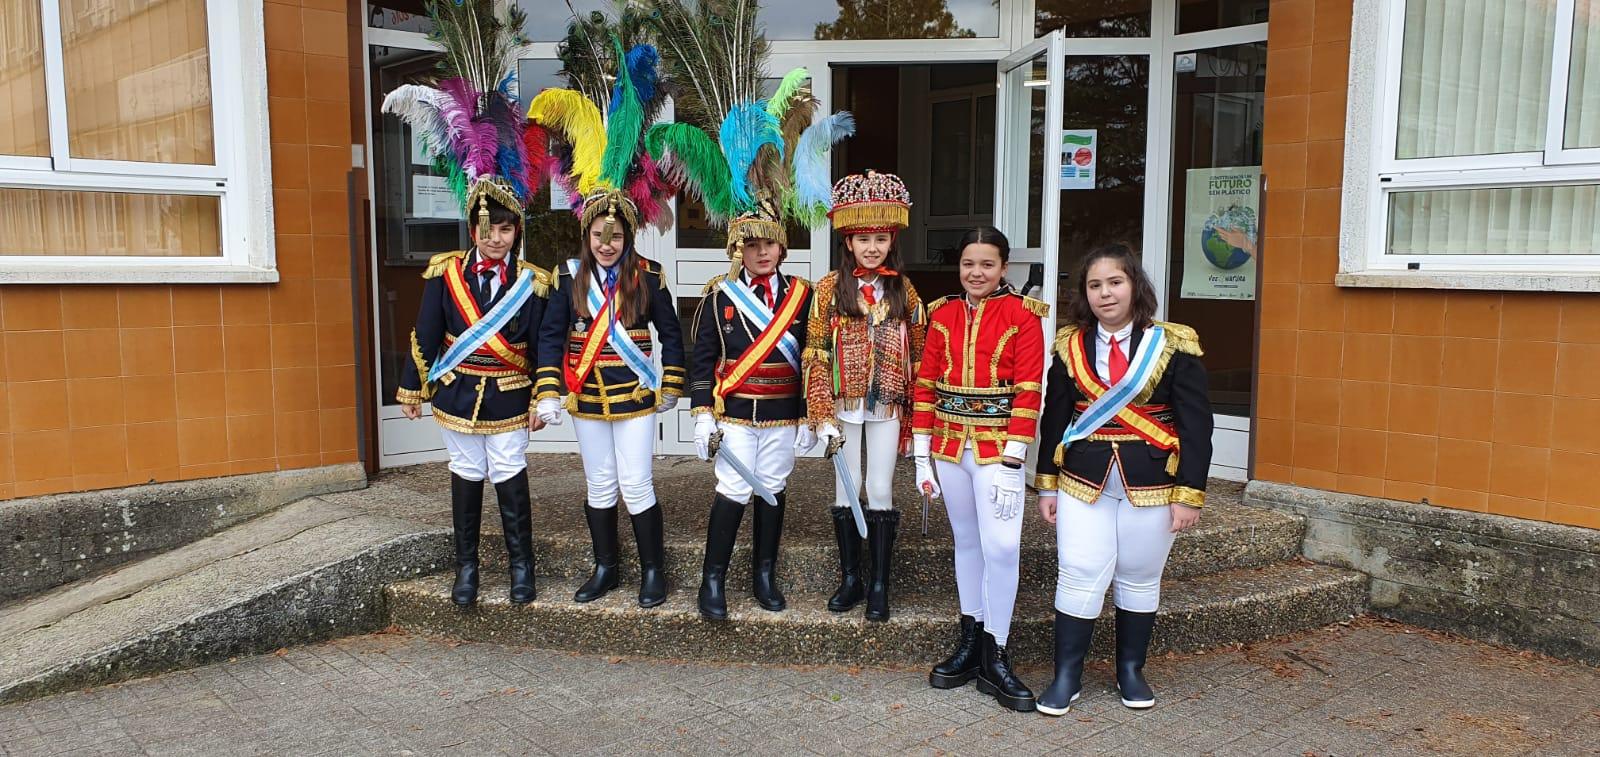 Comeza a fin de semana grande do entroido no municipio de Silleda, con música, premios aos mellores disfraces e a tradición dos Xenerais da Ulla